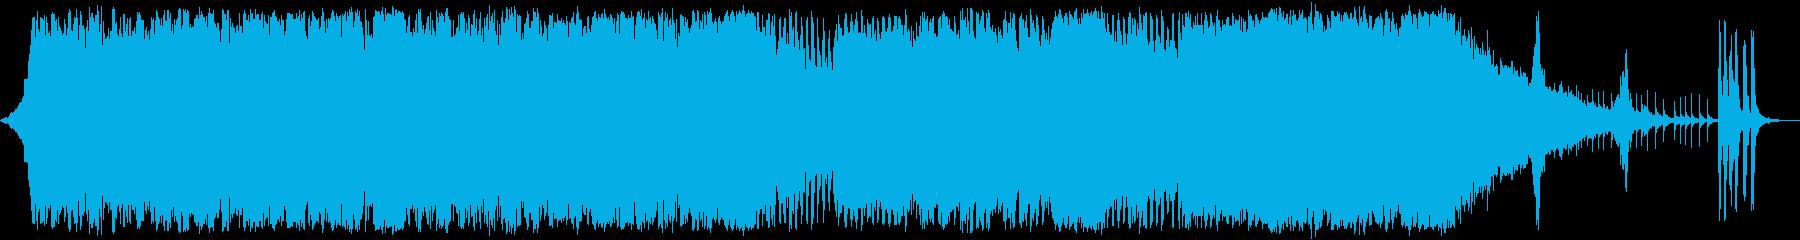 大海羽ばたく幻想ファンタジーオーケストラの再生済みの波形